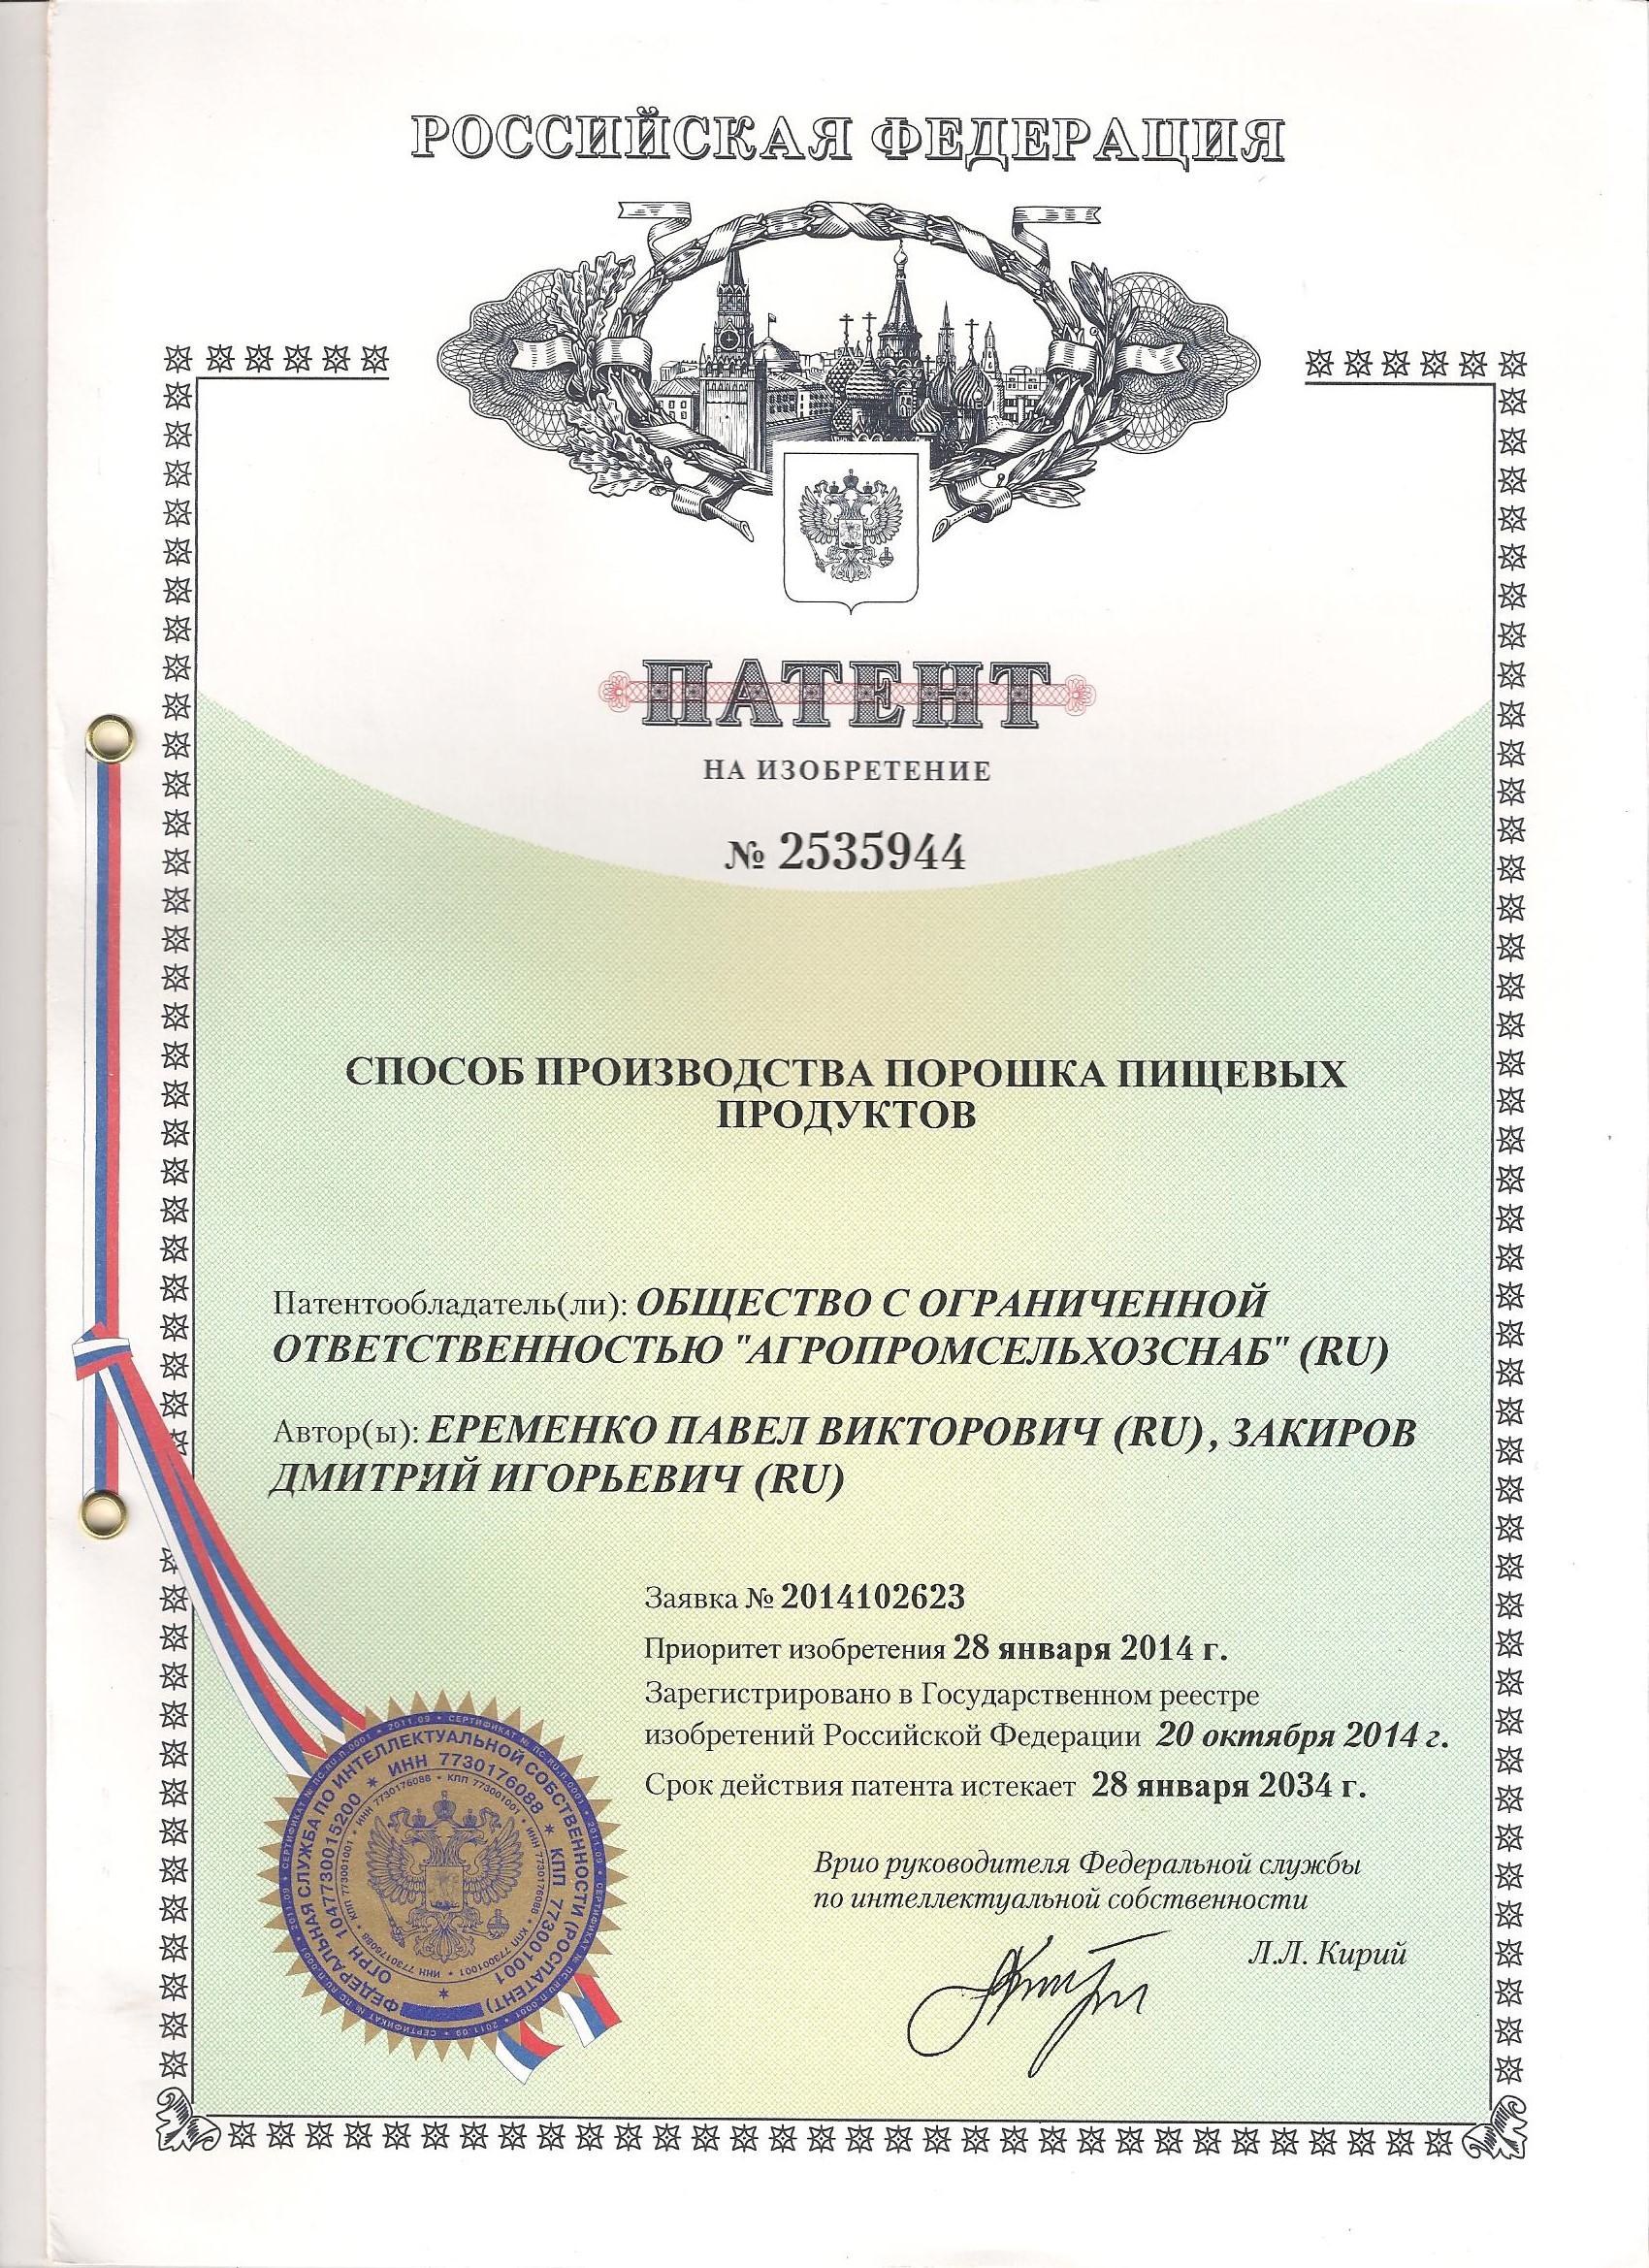 Патент АСКТ Яваджра